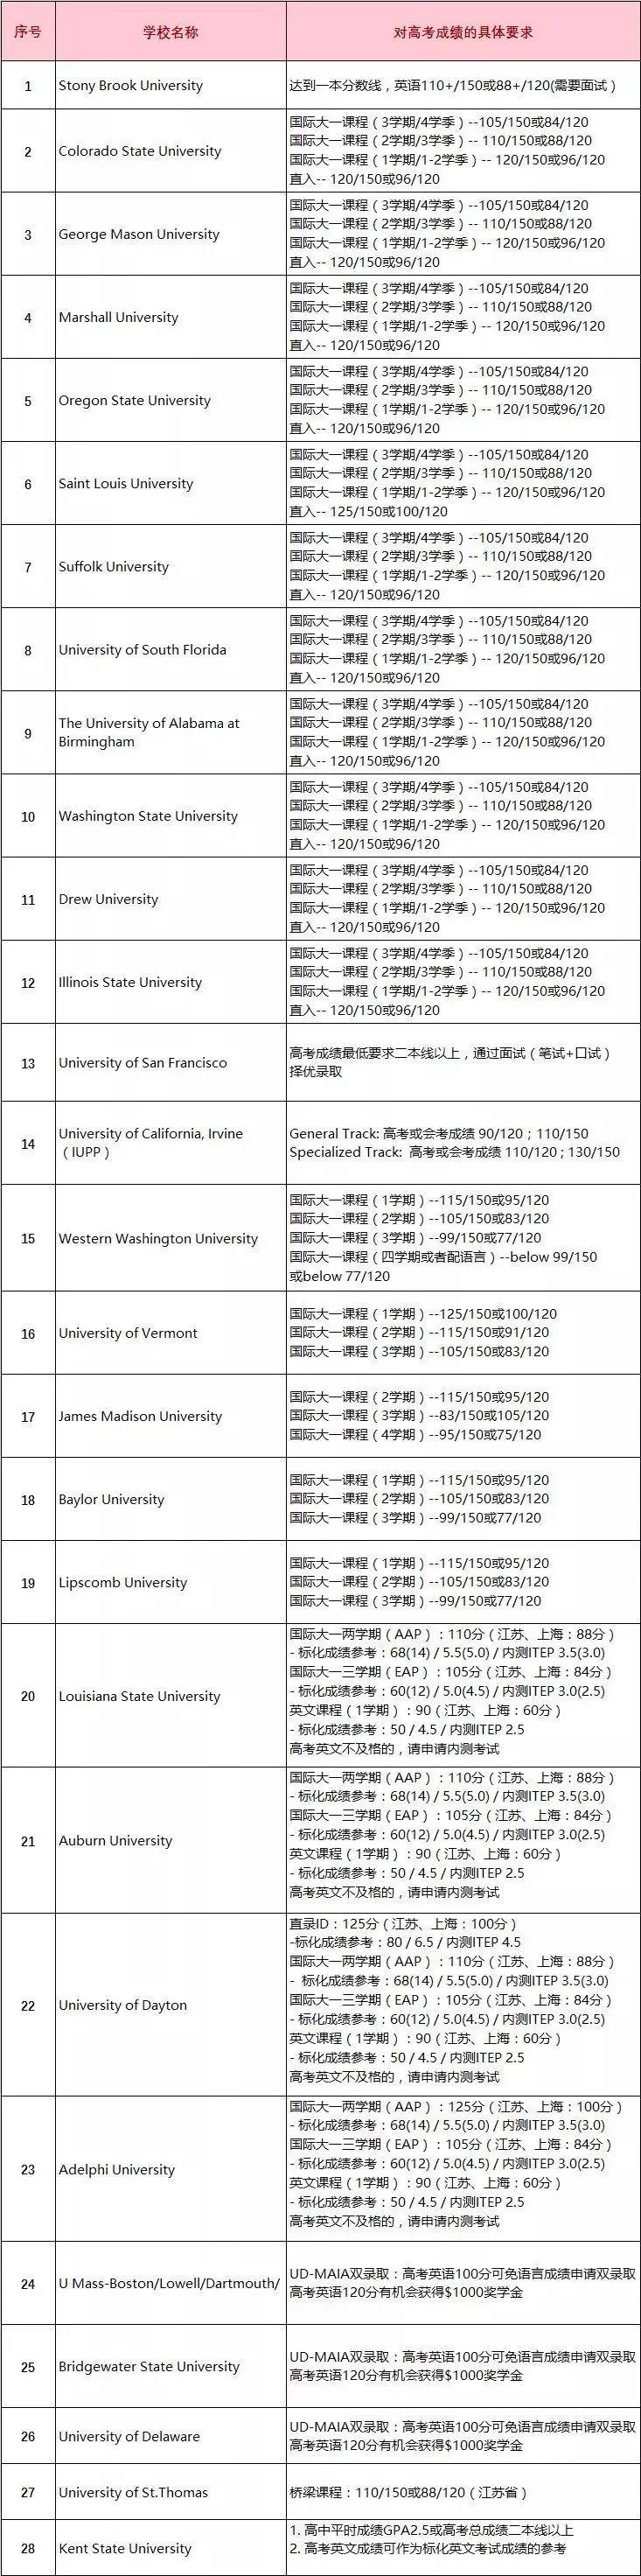 以下为接受中国高考成绩直申的美国大学及相关要求(仅供参考):